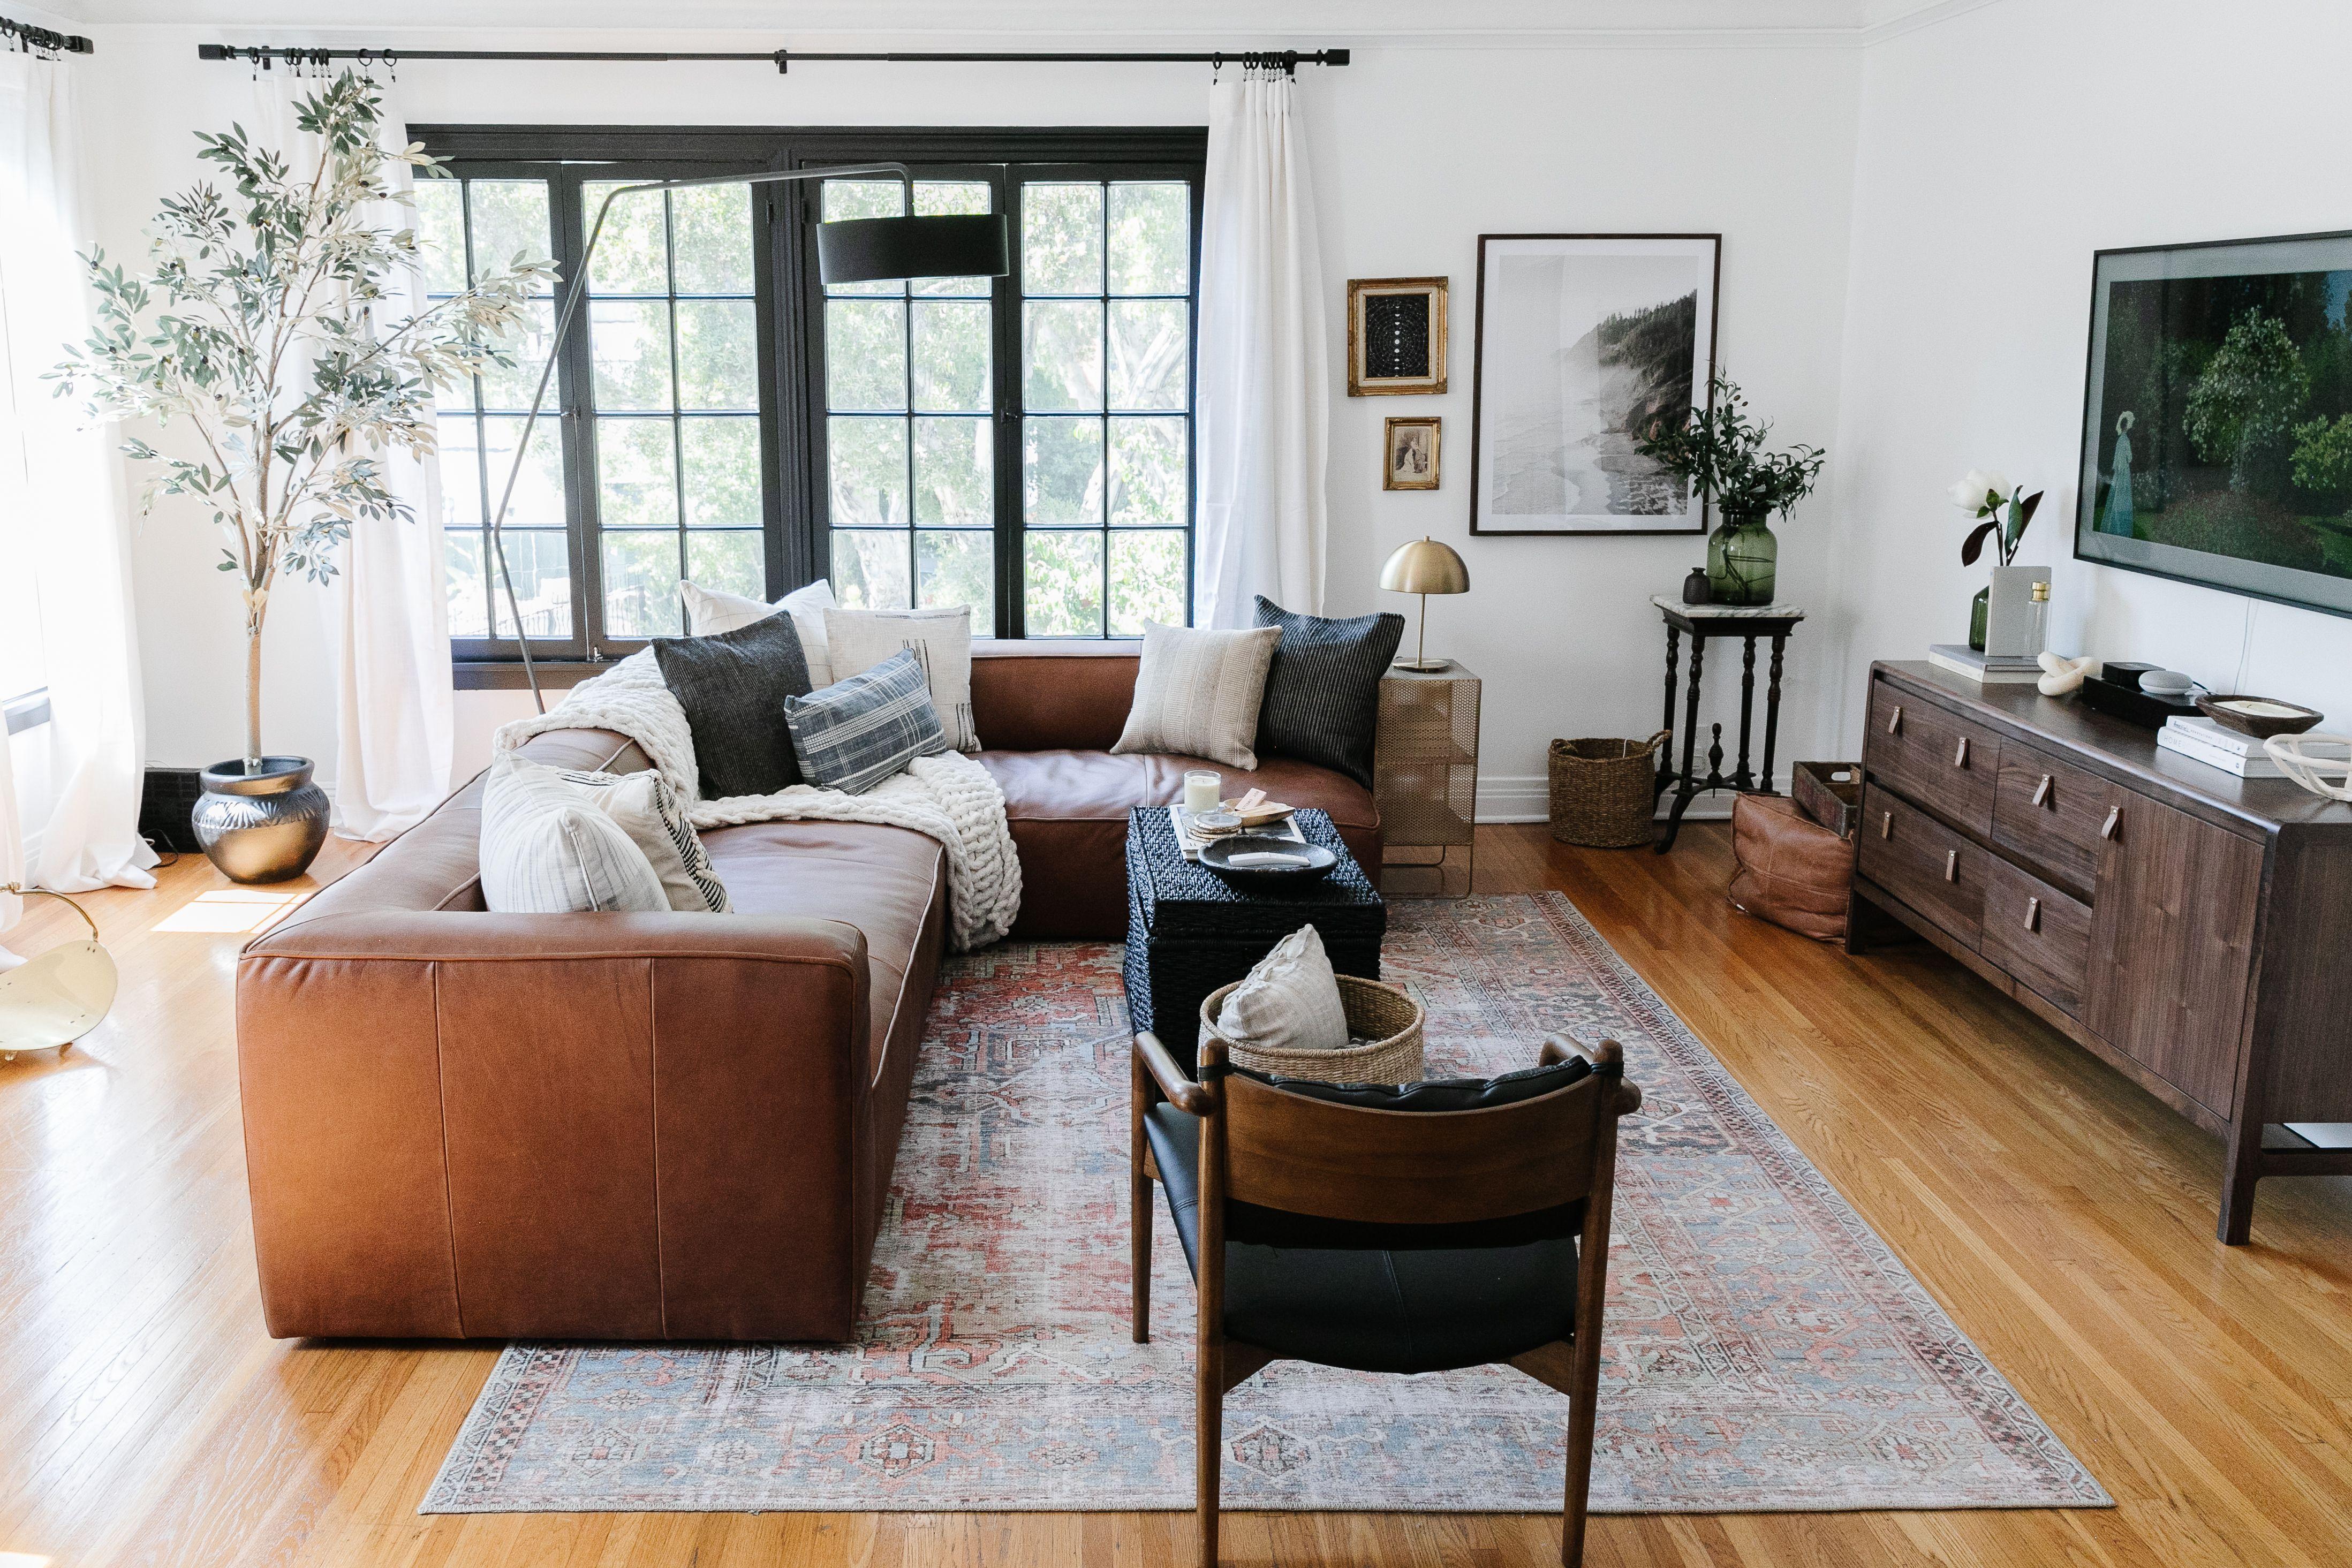 Living Room Designs Home Decor Ideas Living Room Designs Small Spaces Living Room Furniture Classy Living Room Small Space Living Room Townhome Living Room